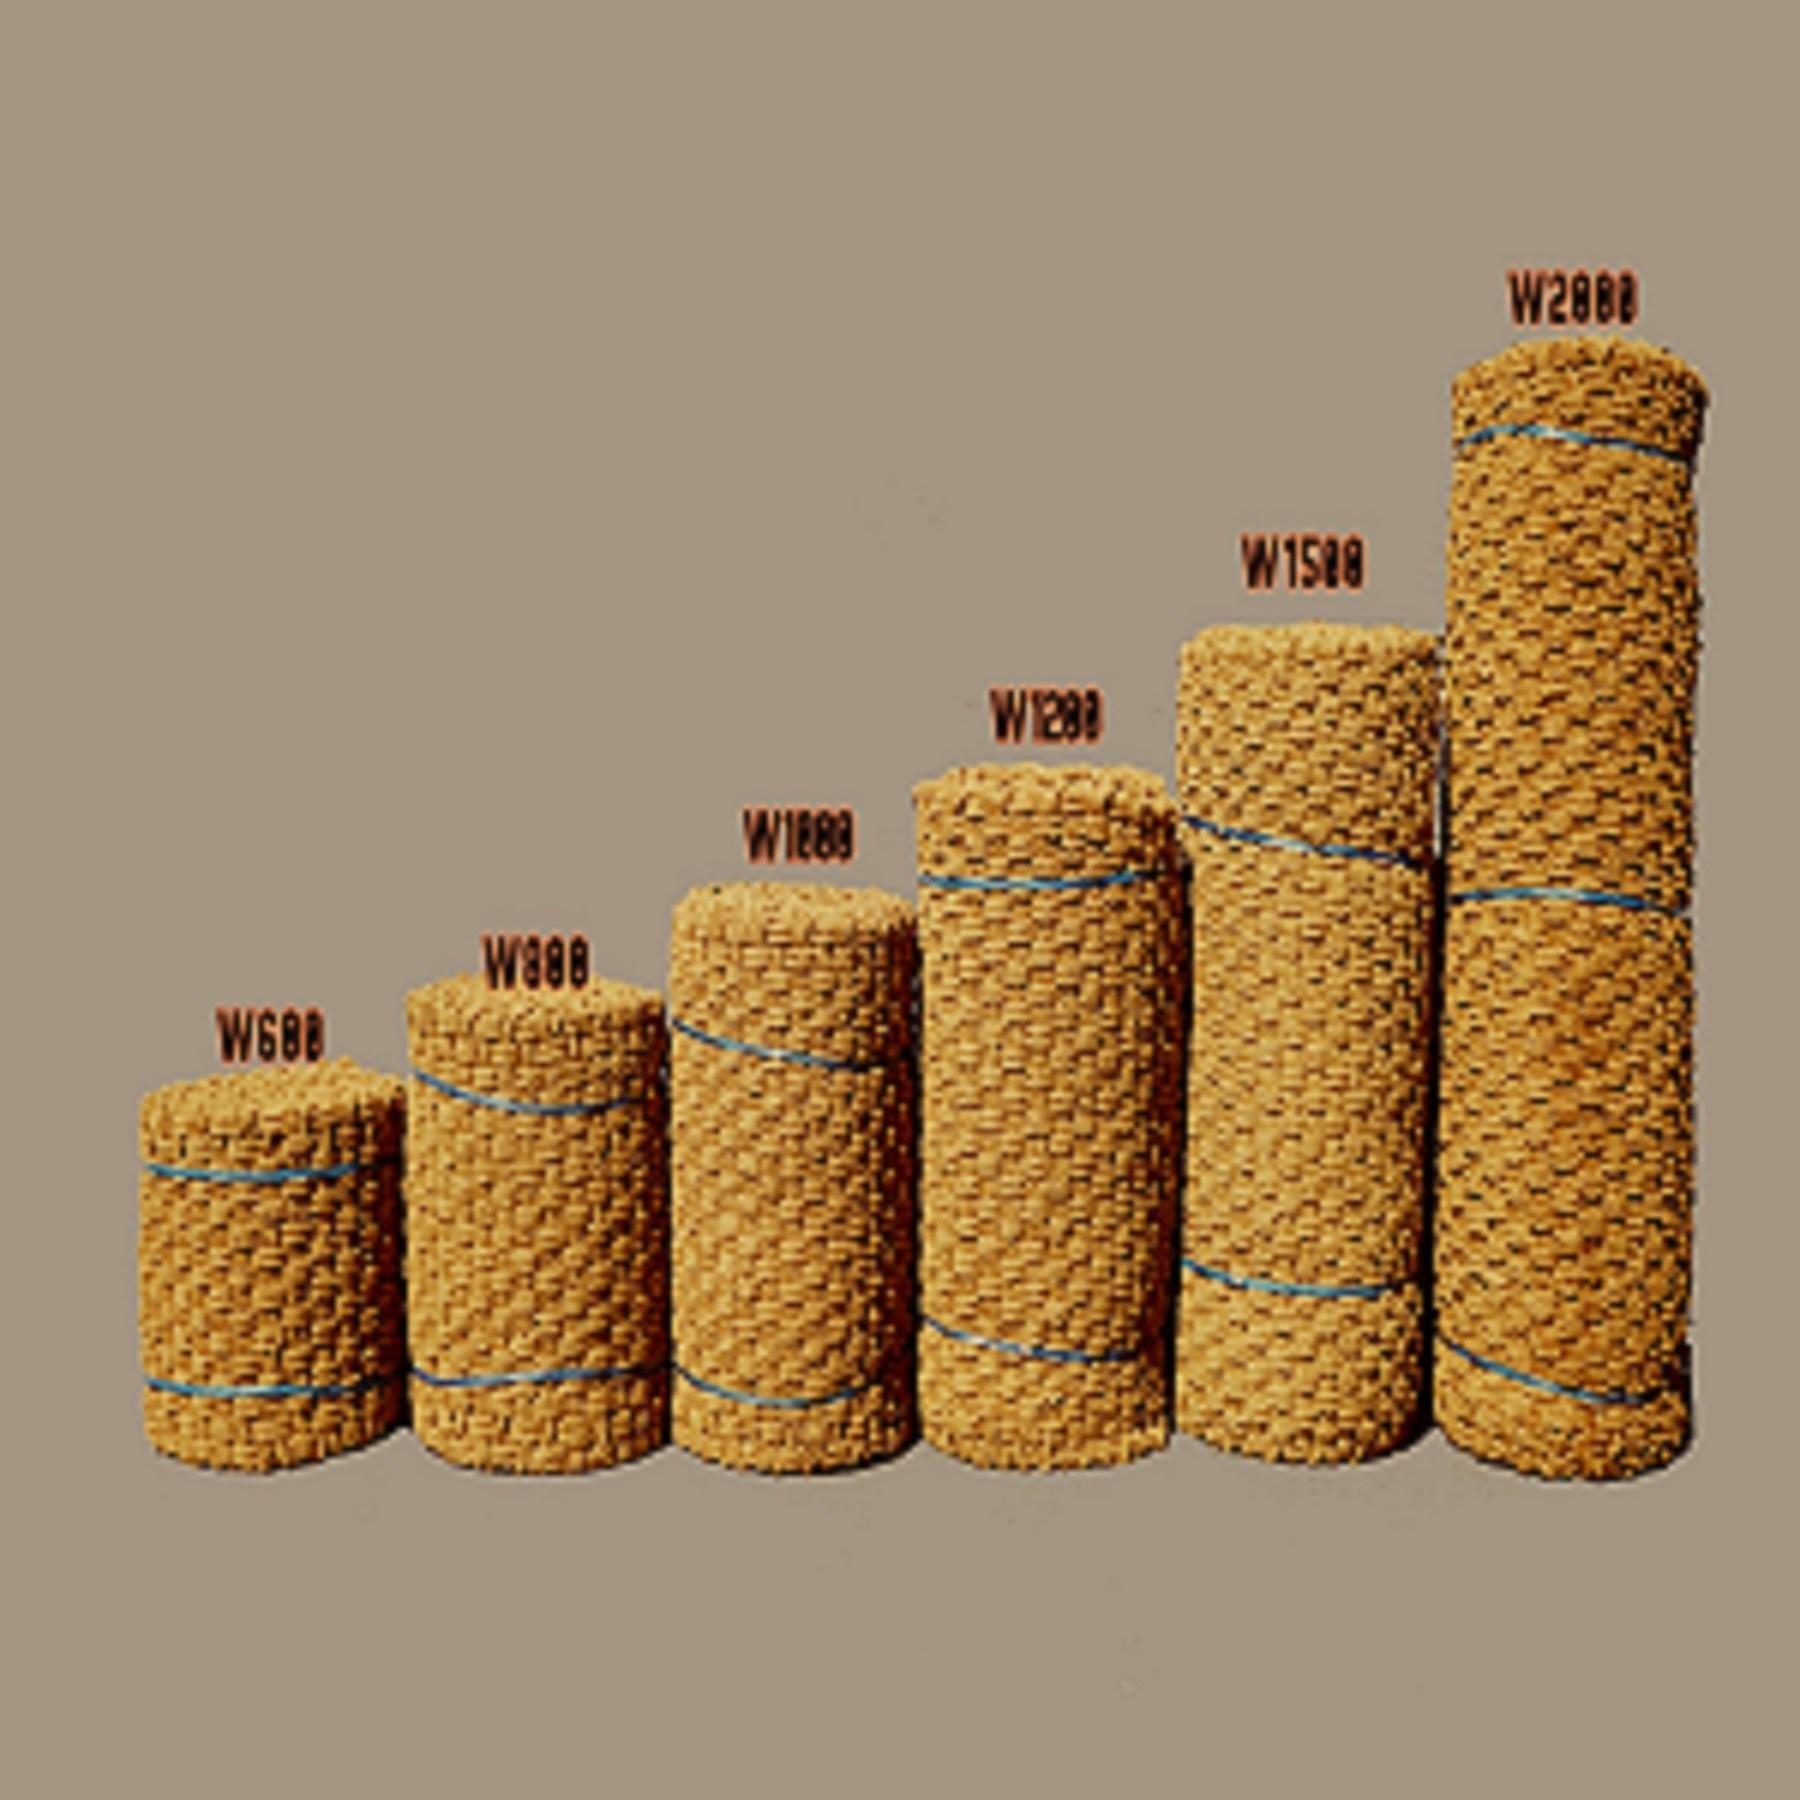 평창동계올림픽 납품 1.0m x 5m 35T 야자매트 이중합사 사용